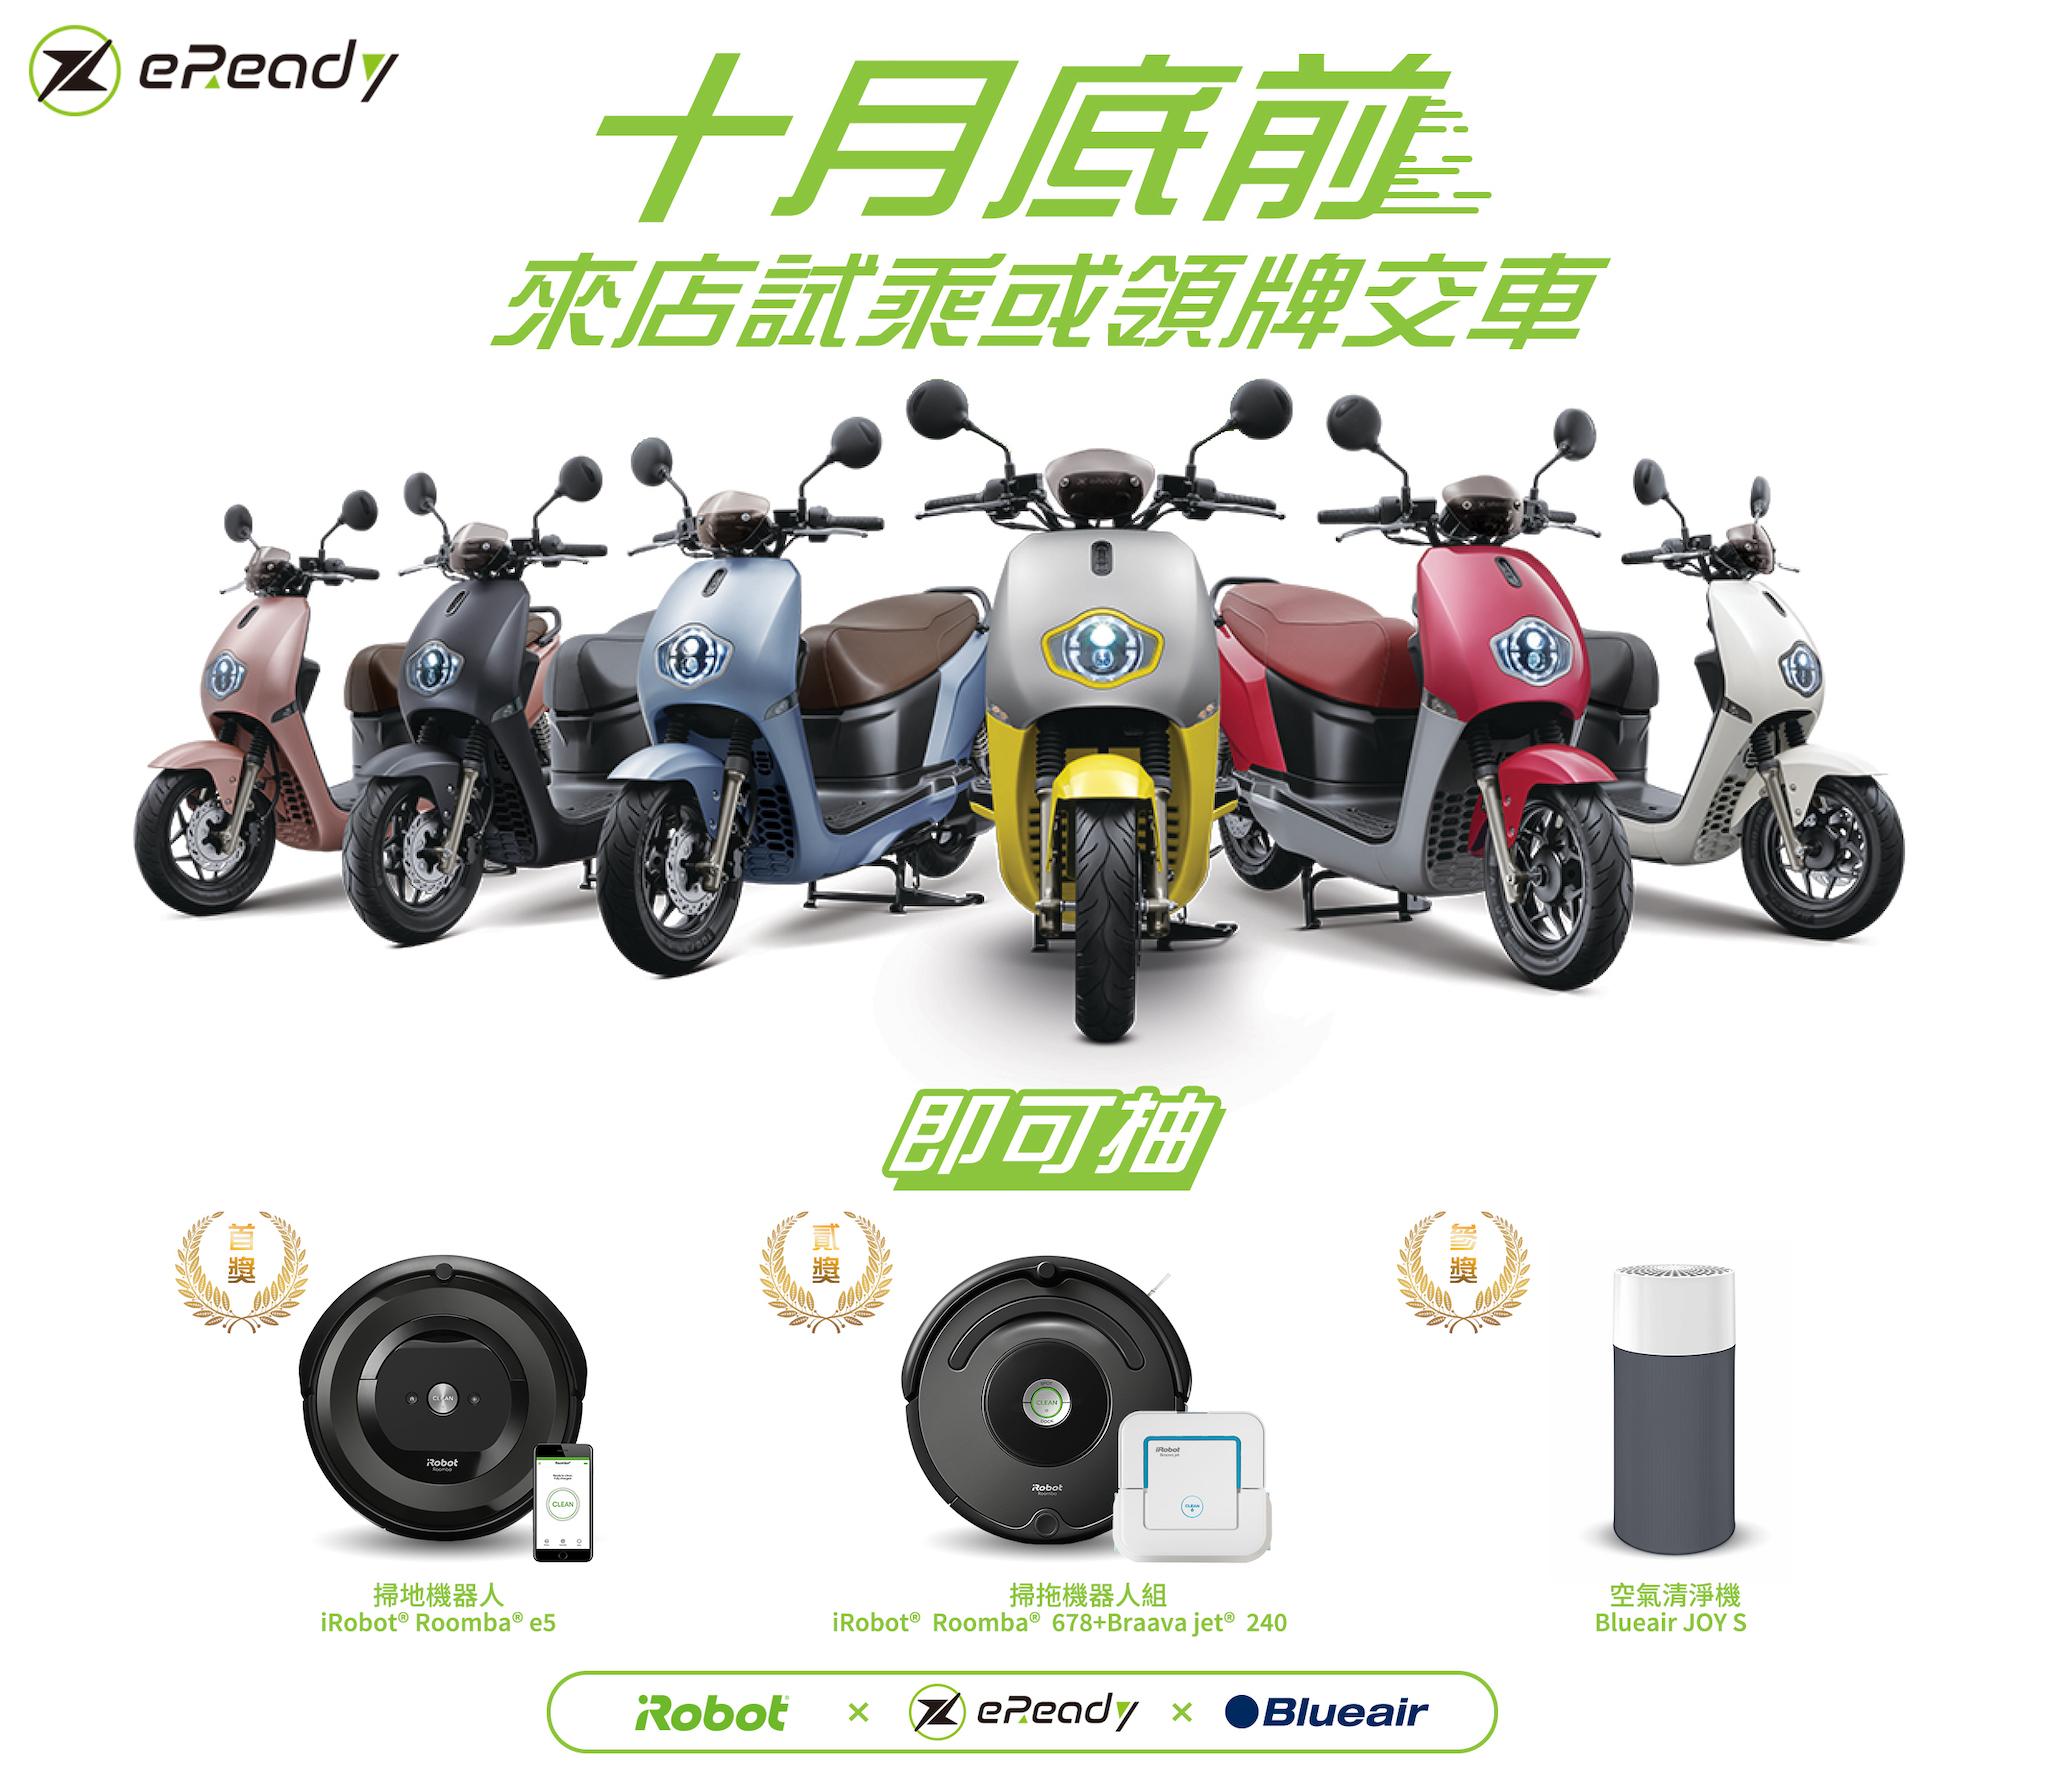 即日起到 10 月底,試乘與購買 eReadyFun 都可以參加抽獎,有機會把 iRobot Roomba 家用機器人與瑞典 Blueair 空氣清淨機帶回家。